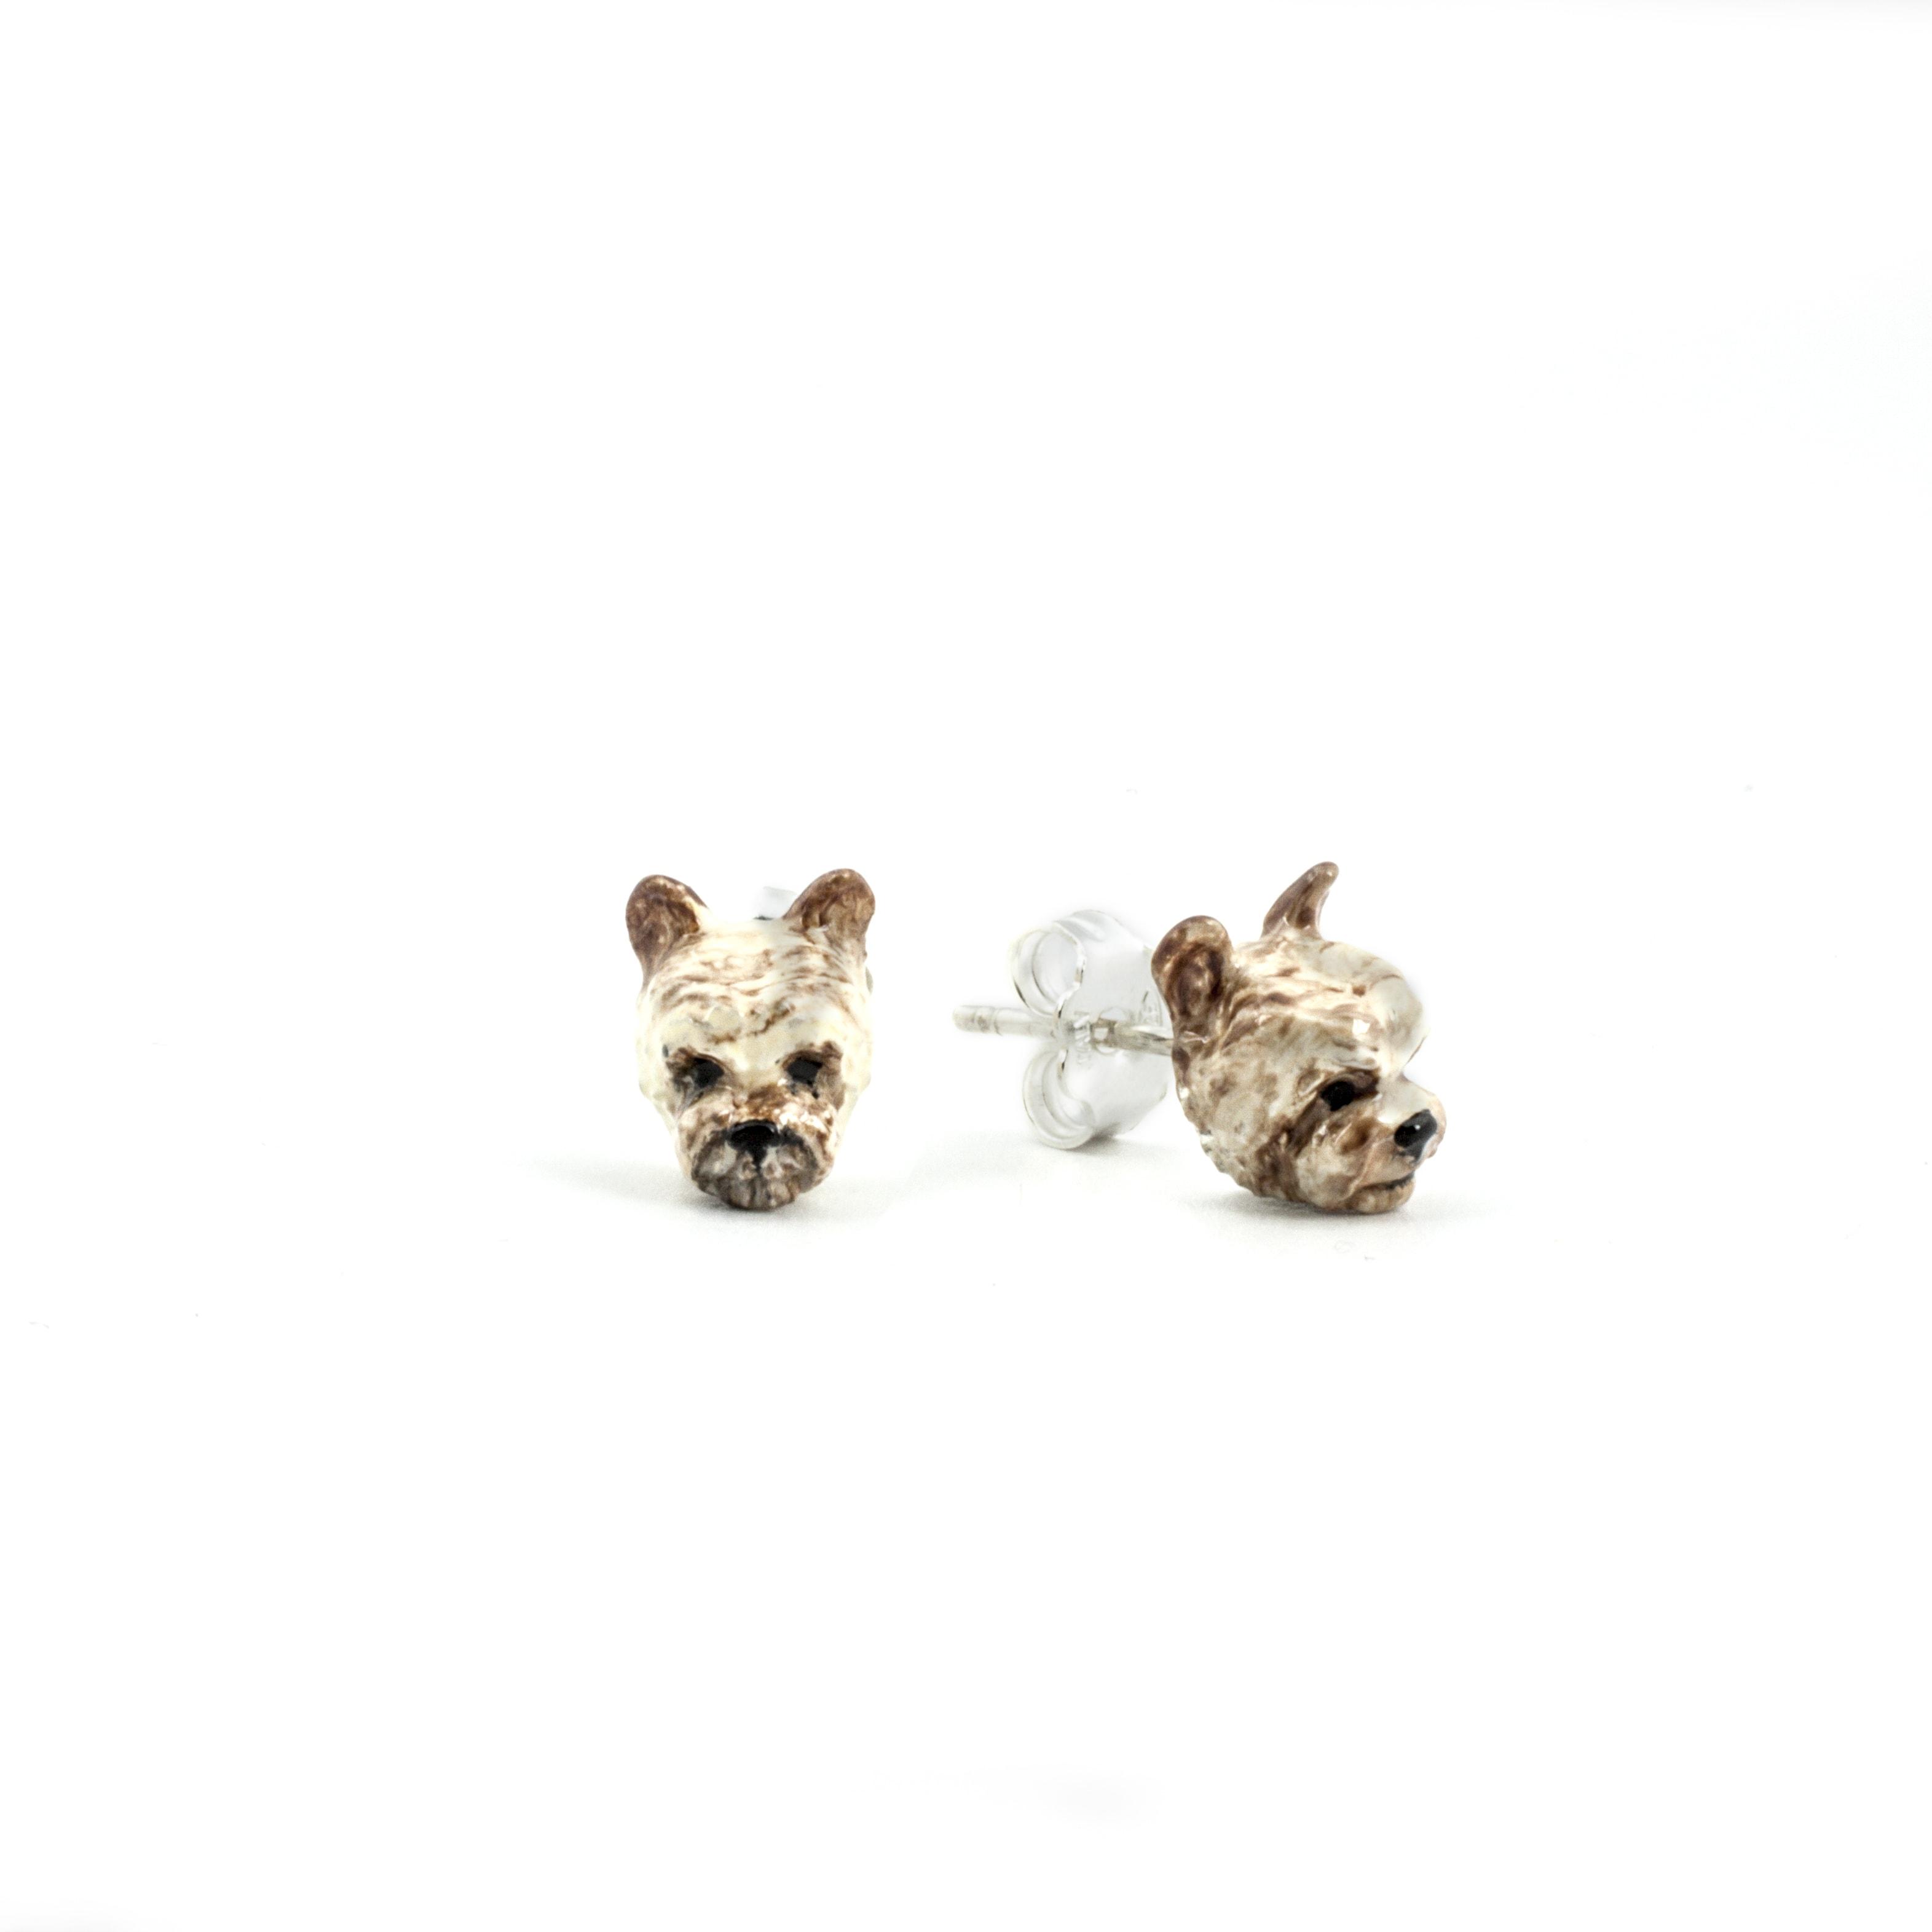 Yorkshire_earrings_enameled_HIGH